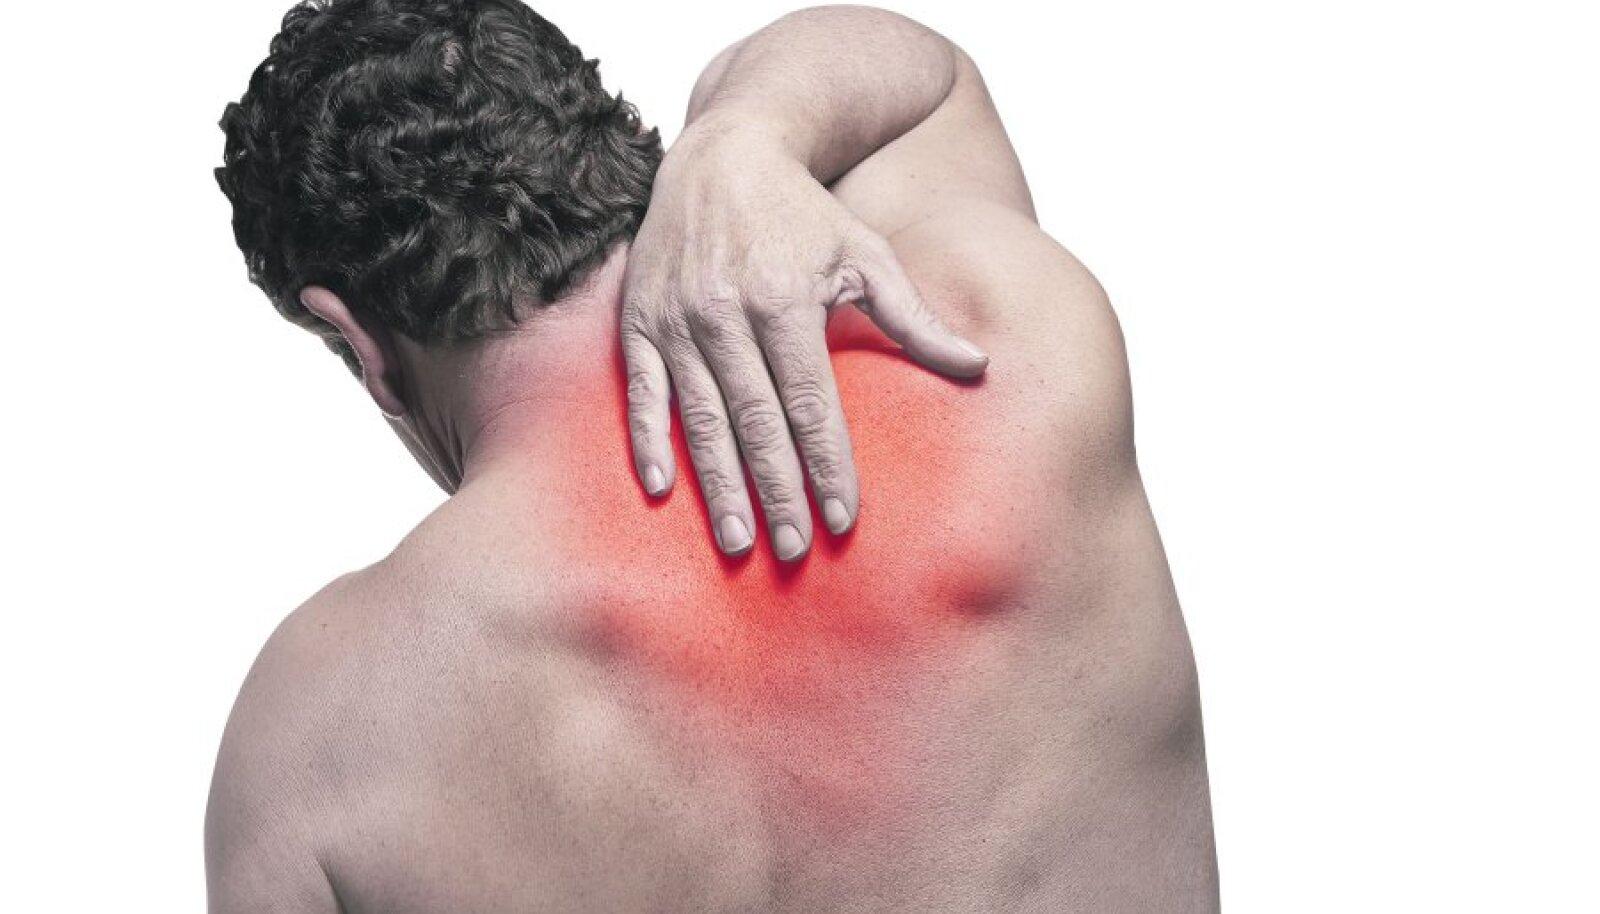 Seene salvi liigestele Vedeliku kogunemine liigese parast vigastust